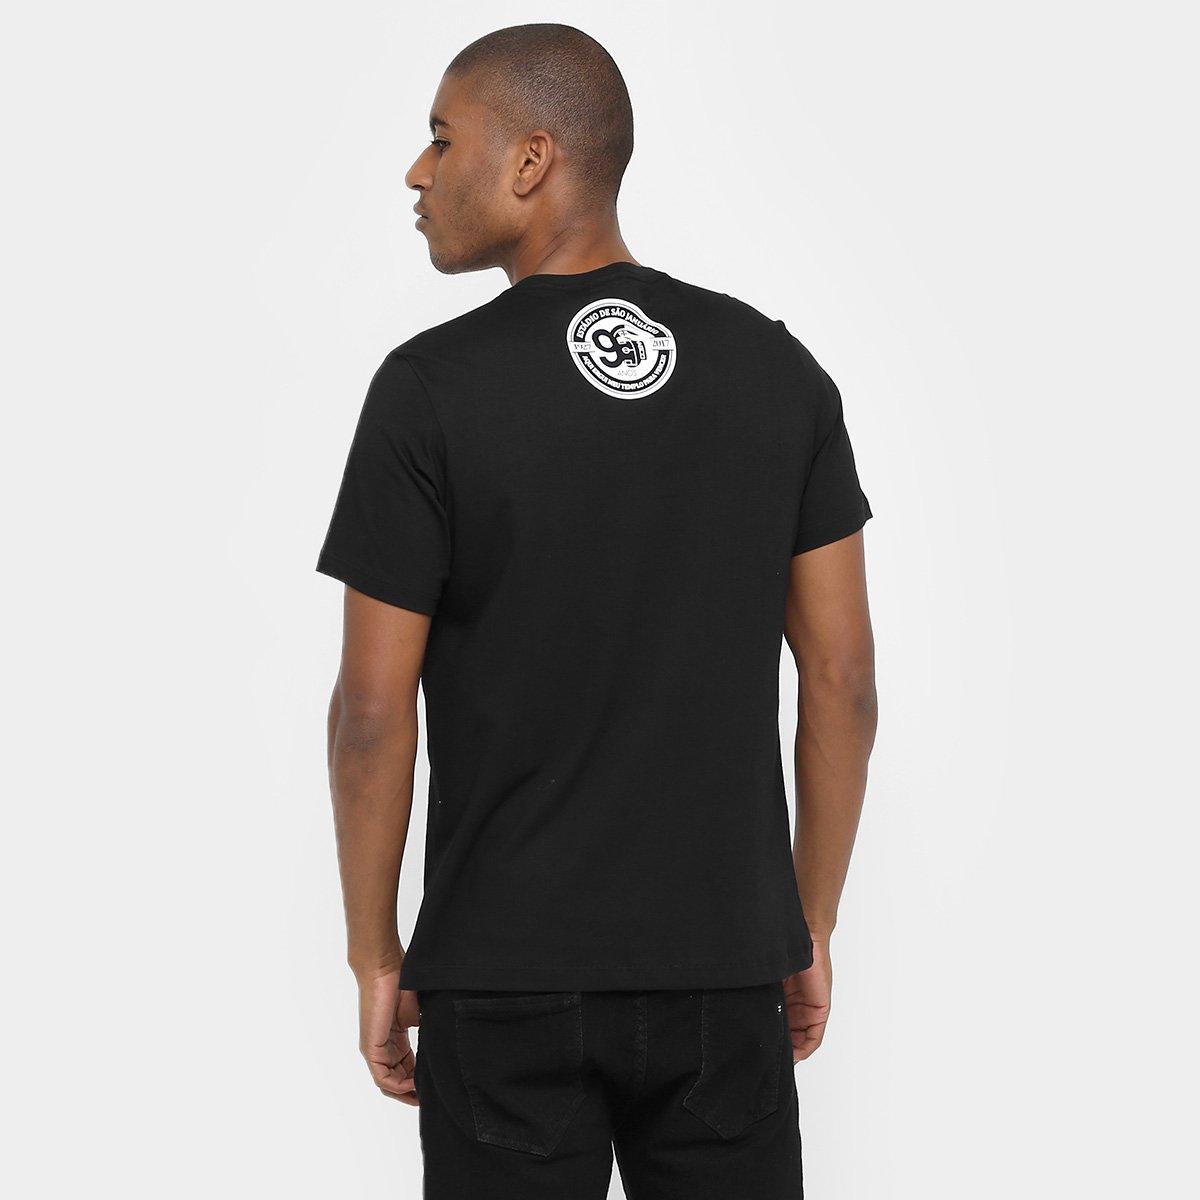 Camiseta Vasco São Januário Eu Tenho 90 Anos Masculina - Compre ... fd98ee42031dd